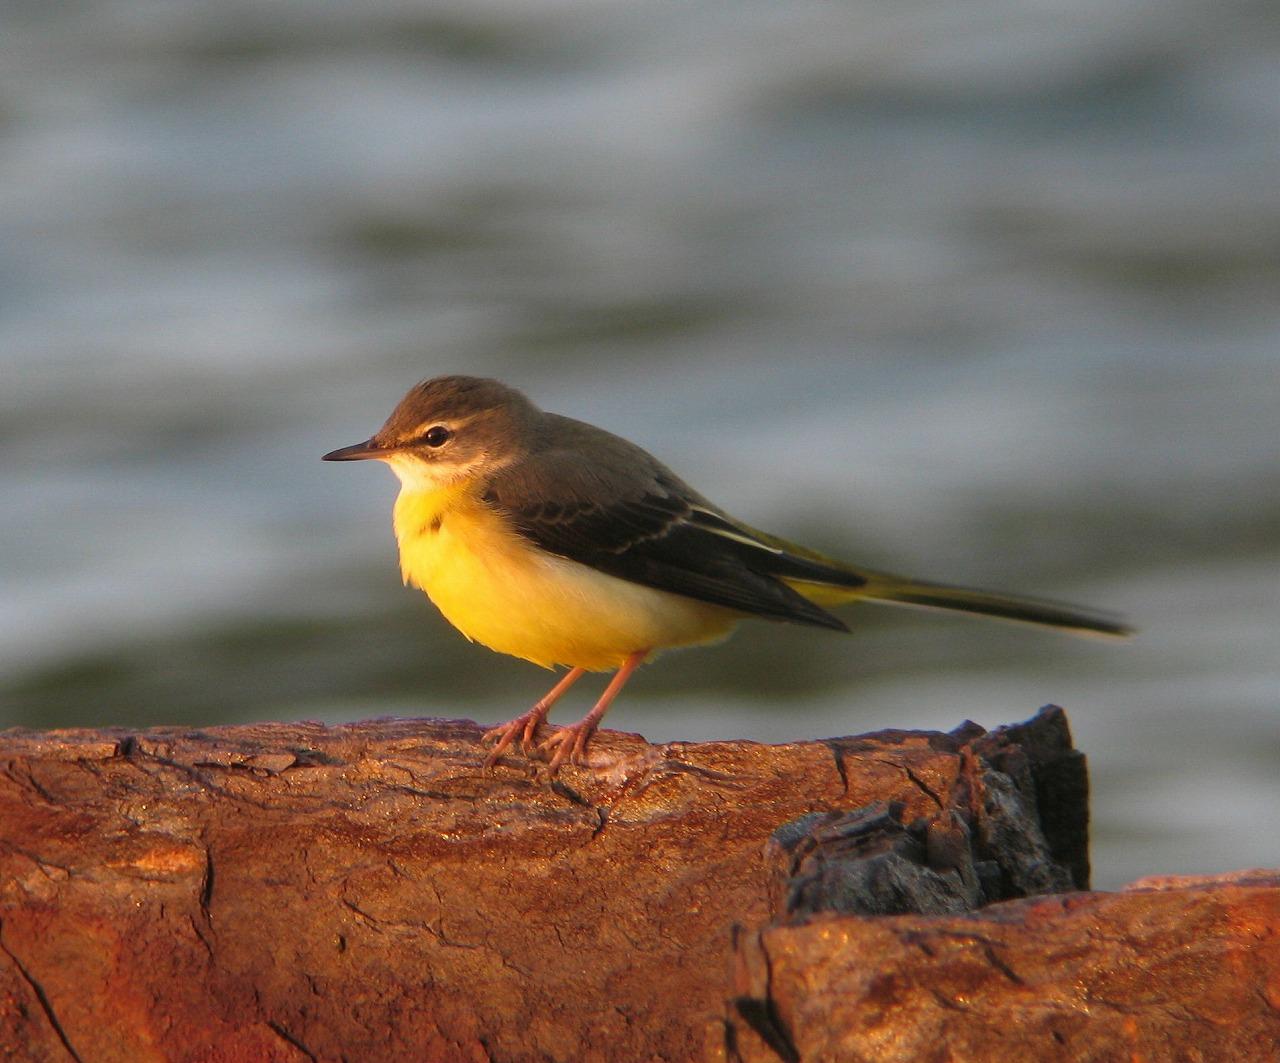 キセキレイちゃんの幼鳥と思います。_e0018678_20394867.jpg